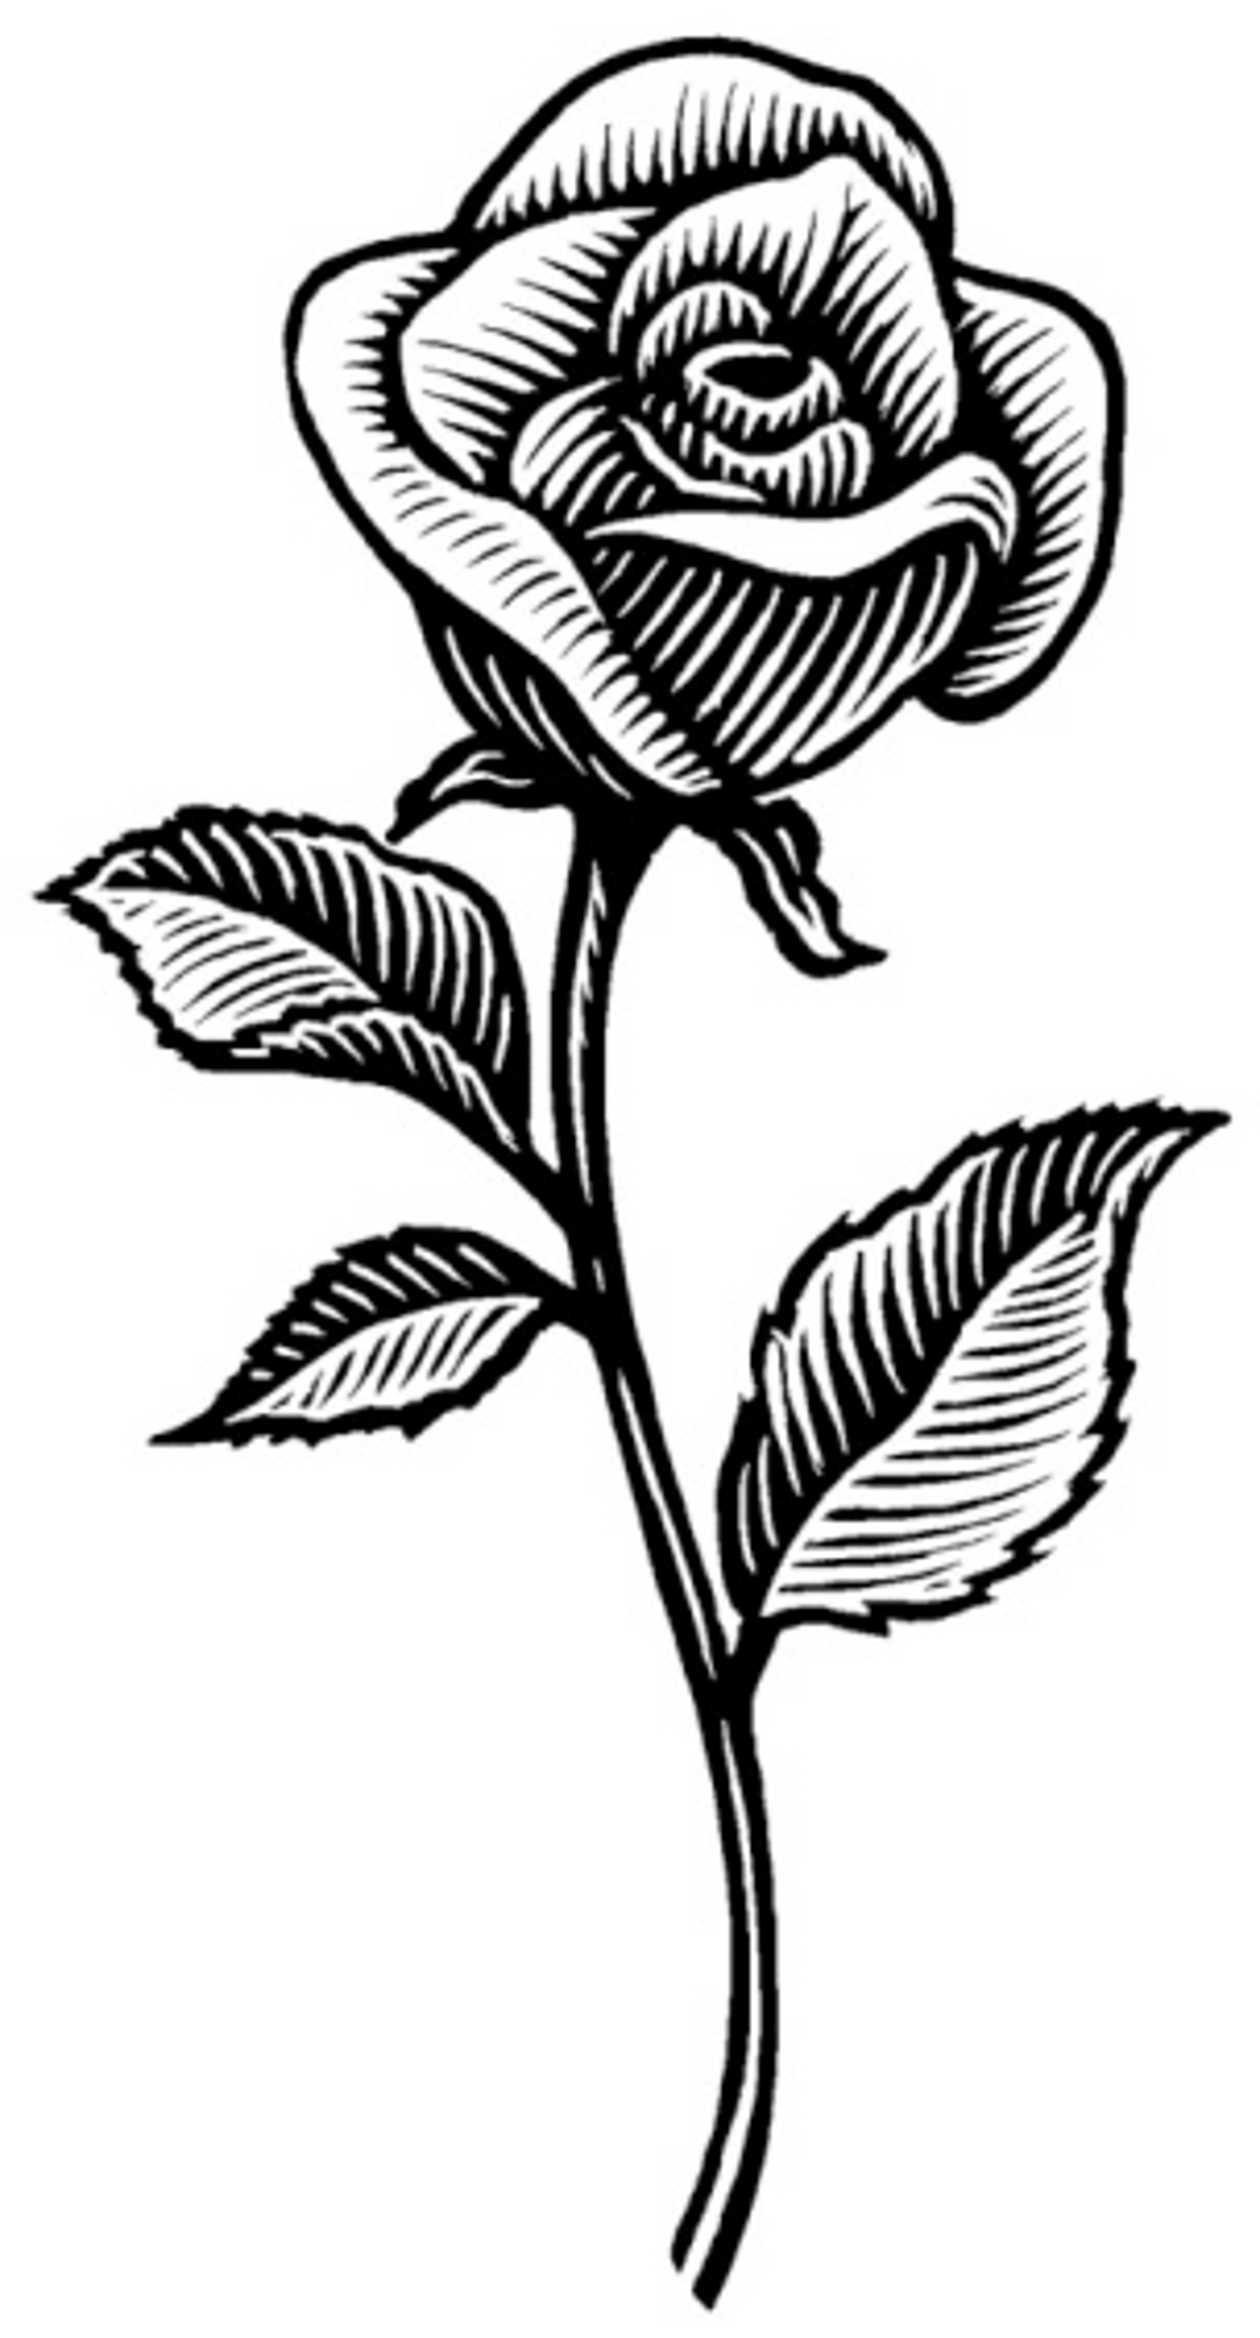 Imágenes de rosas para dibujar | Descargar imágenes gratis